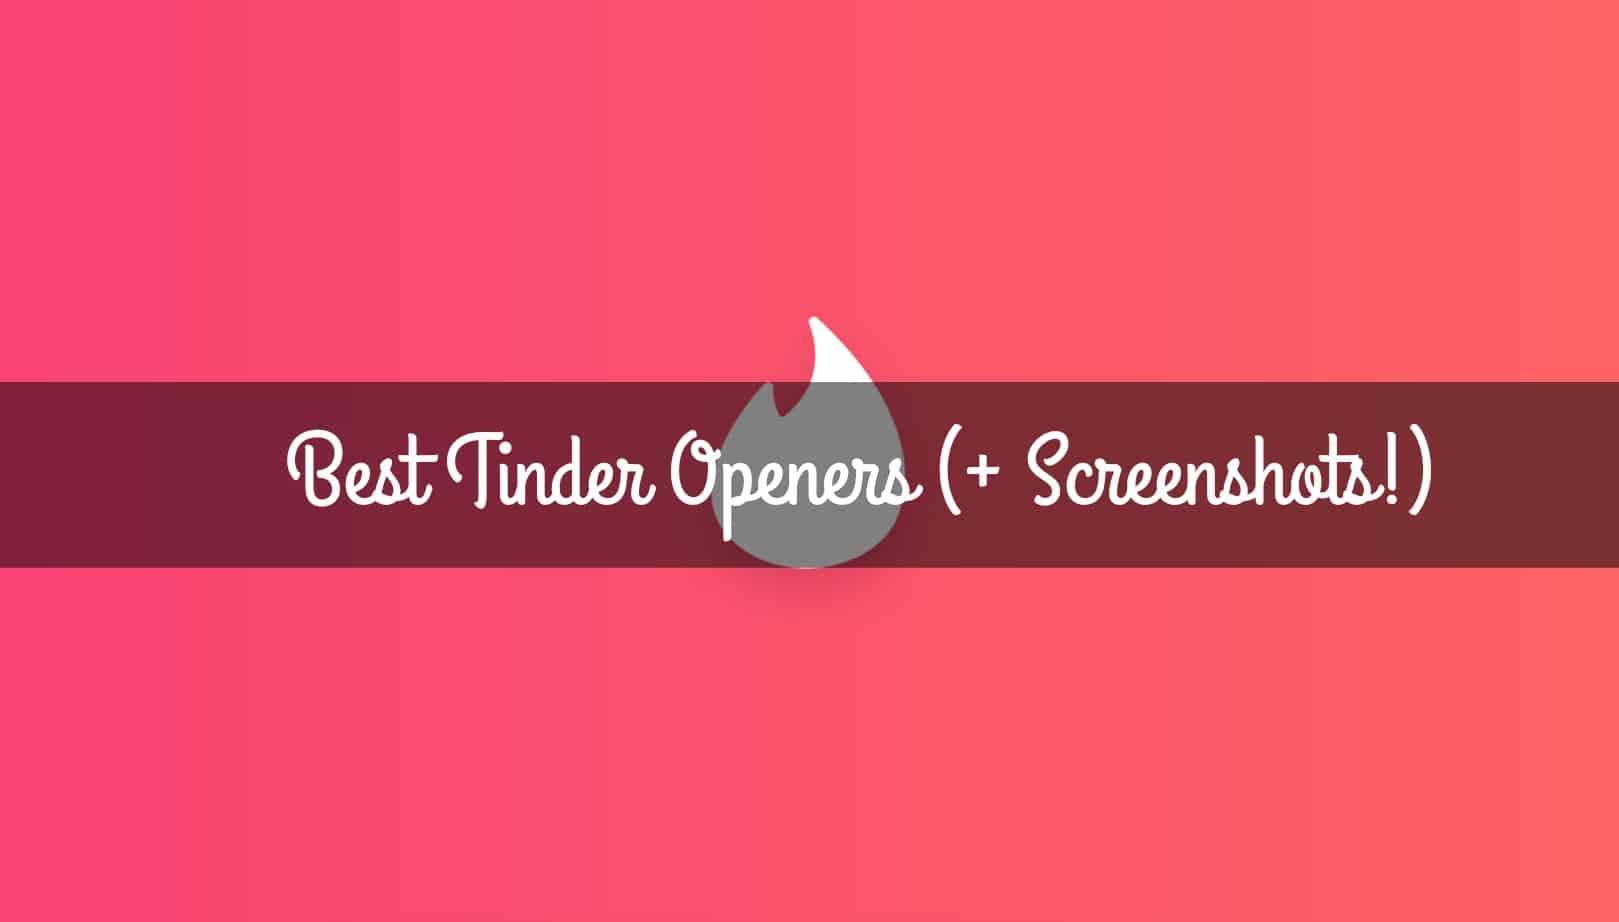 Best online dating openers